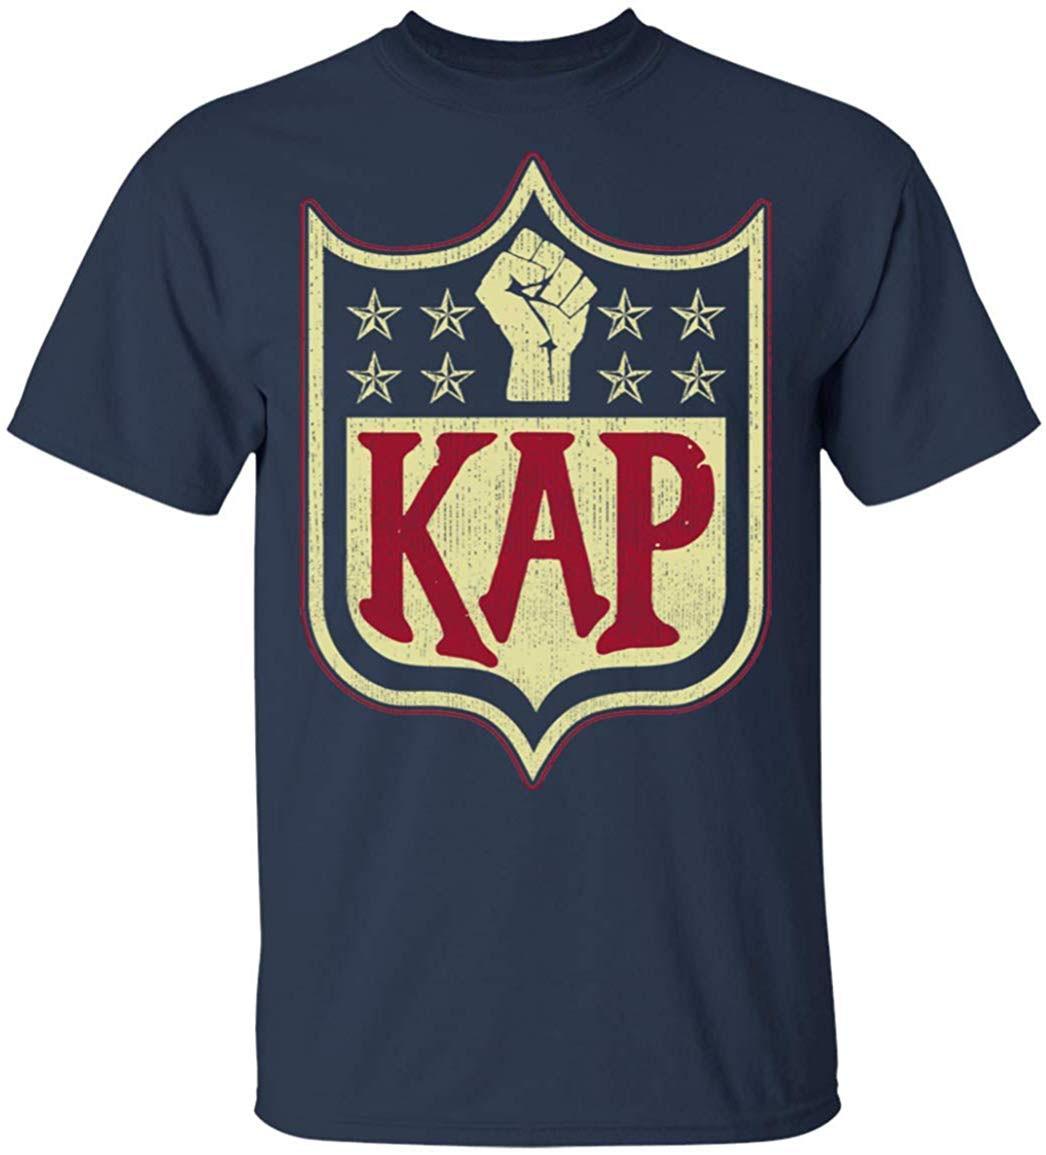 """Camiseta con estampado de hielo para hombre y mujer, Camiseta con estampado """"Im With Kap Take A Knee"""", disponible en varias tallas y colores"""